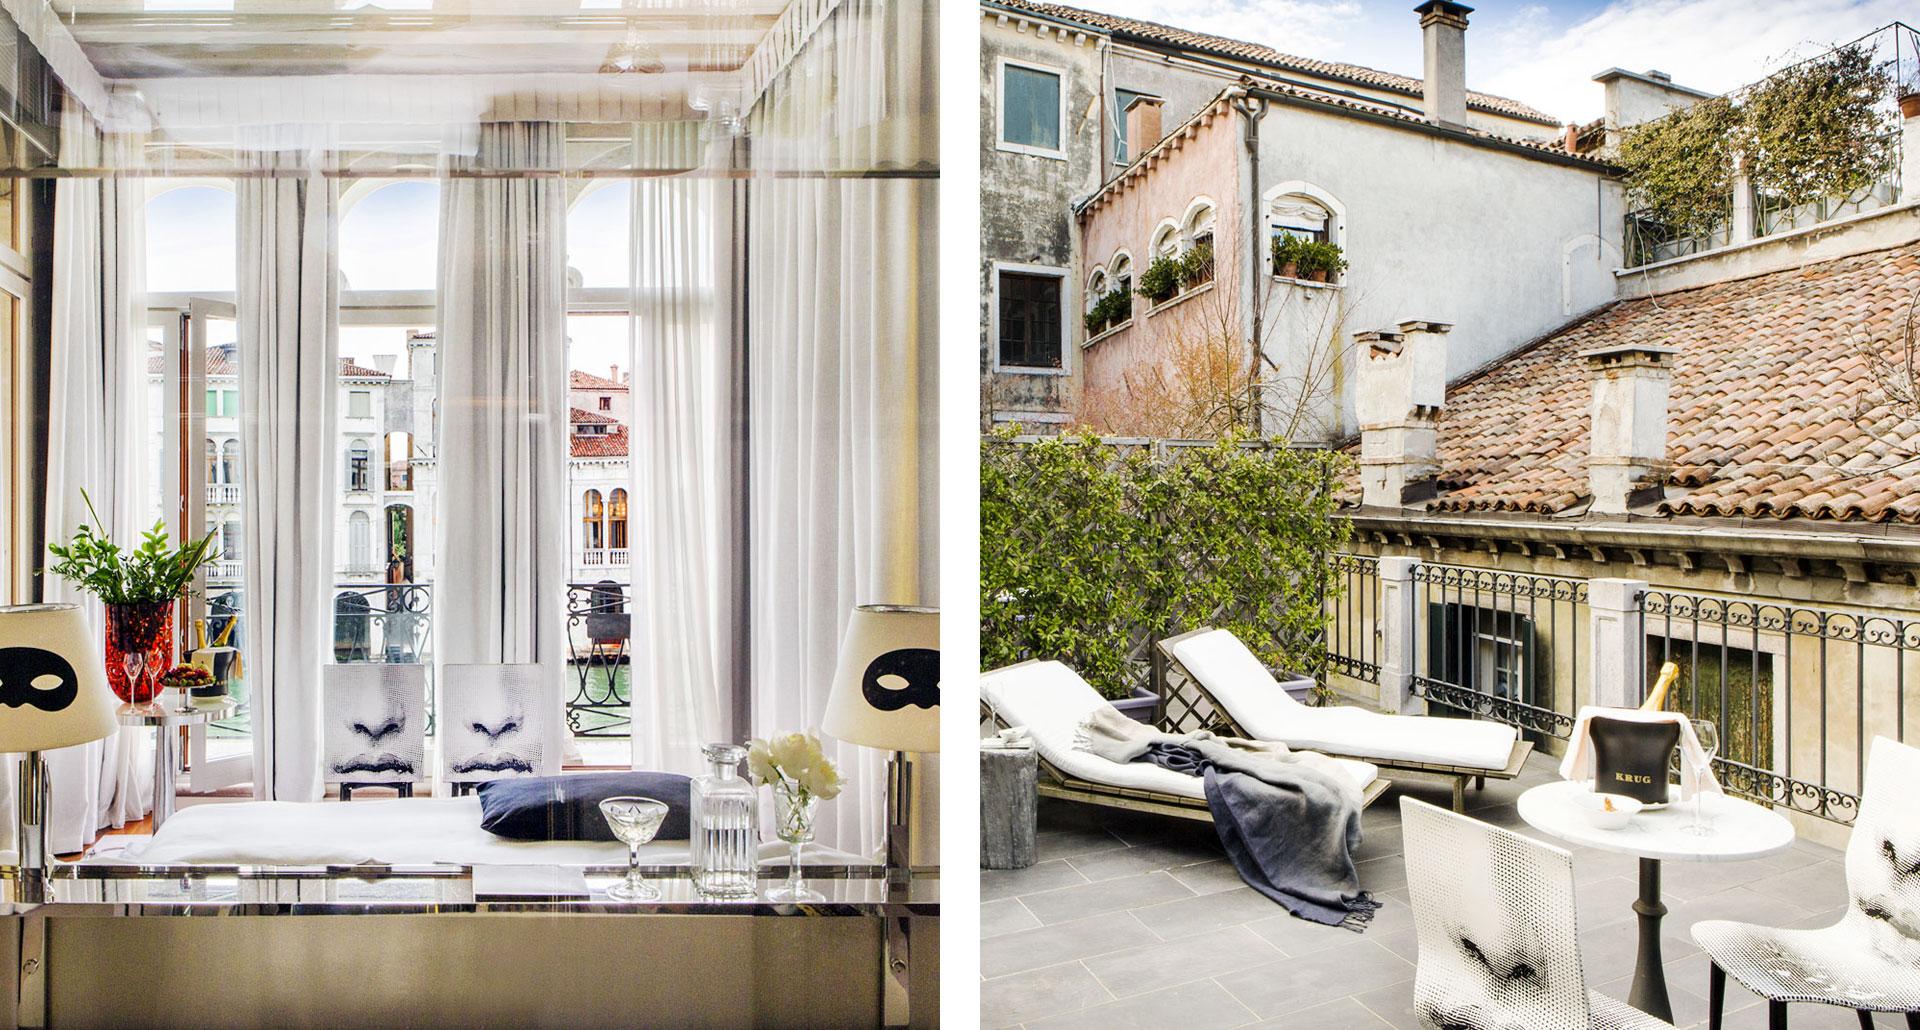 Palazzina Grassi - boutique hotel in Venezia